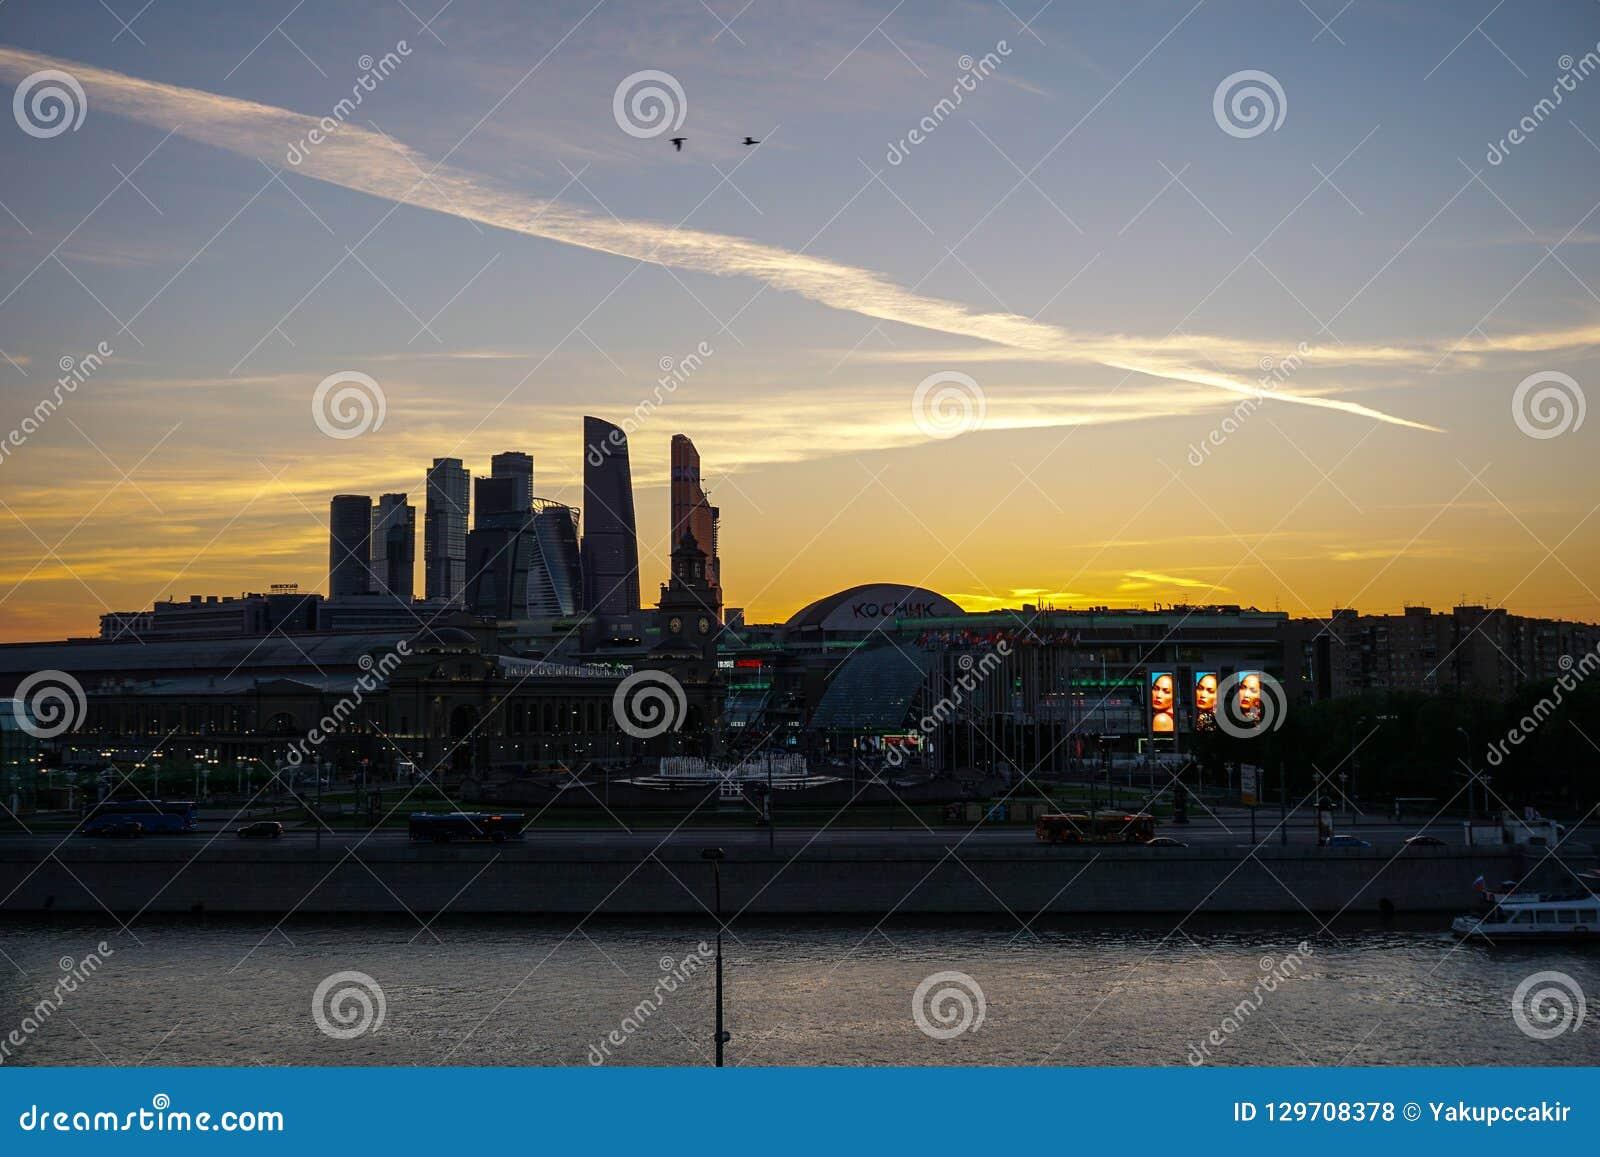 Moskau, Russland - Ansicht des Geschäftszentrums von Moskau